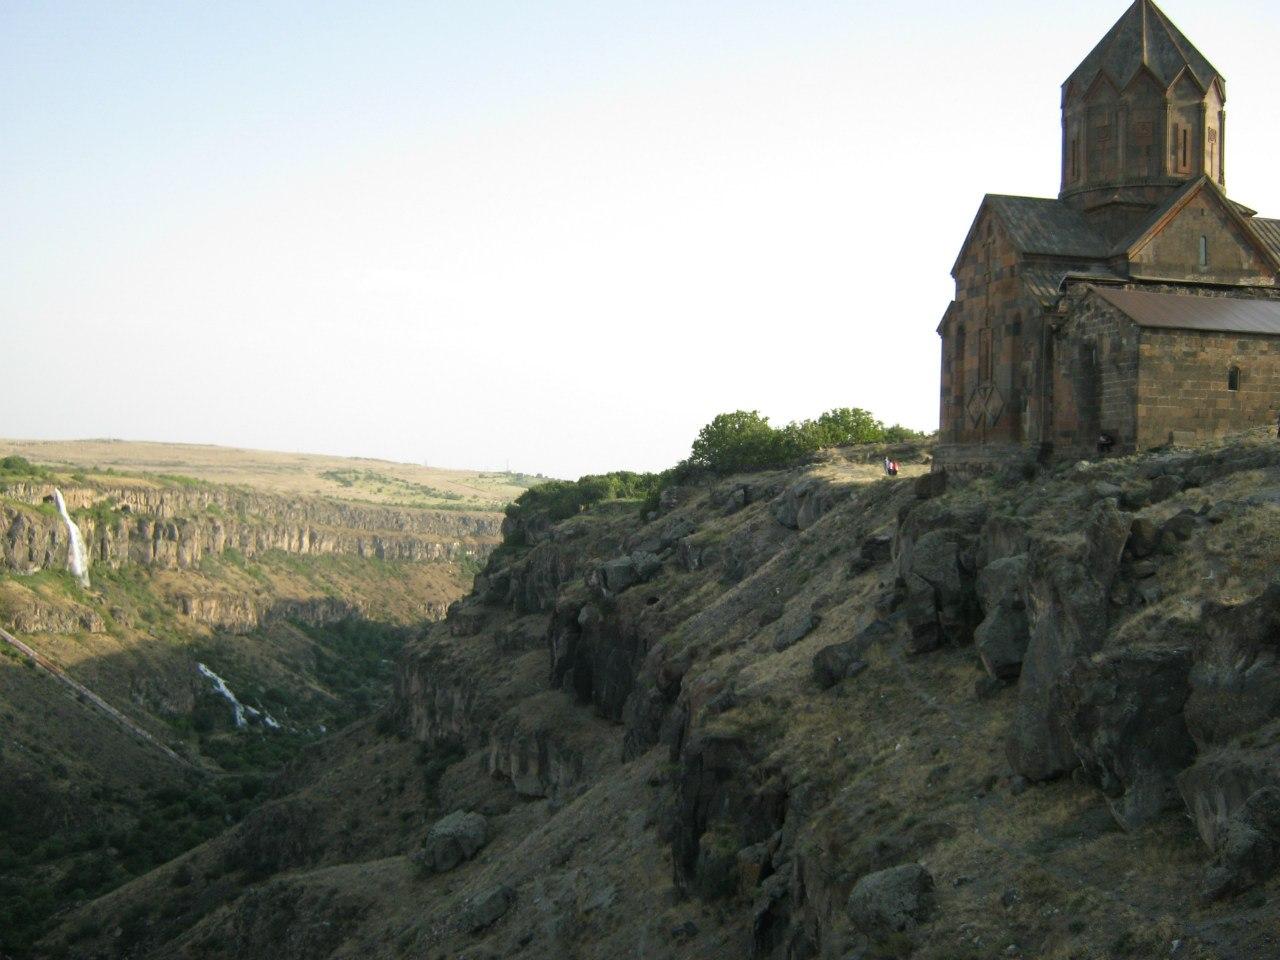 Касахский каньон, водопад и церковь Ованаванк